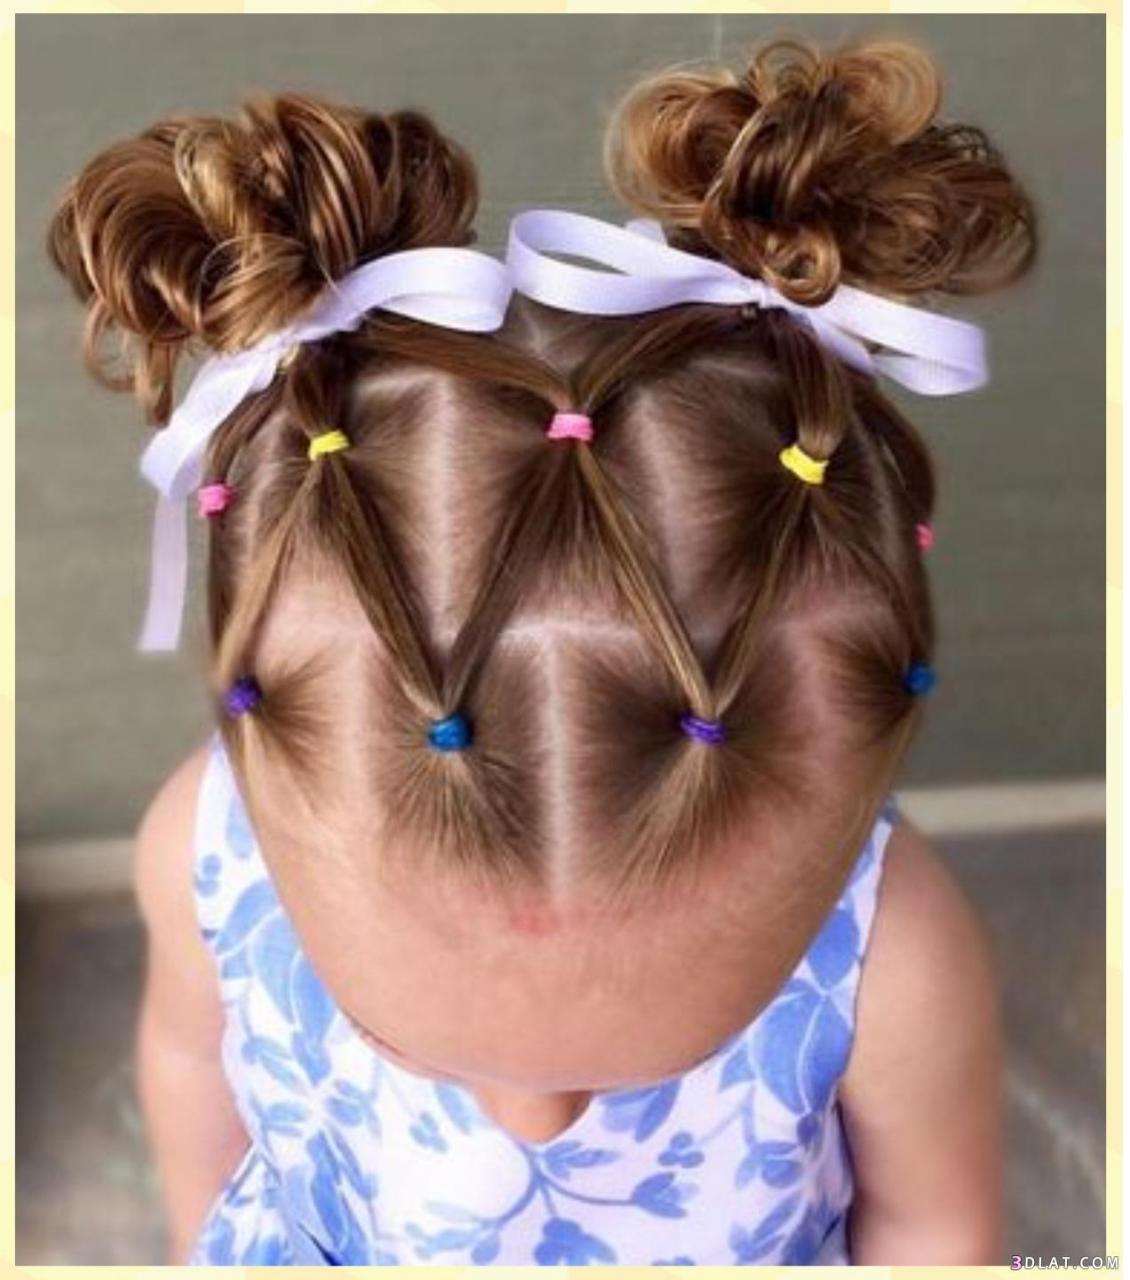 تسريحات شعر للاطفال للعيد تسريحات شعر للبنوتات الصغار افخم فخمه